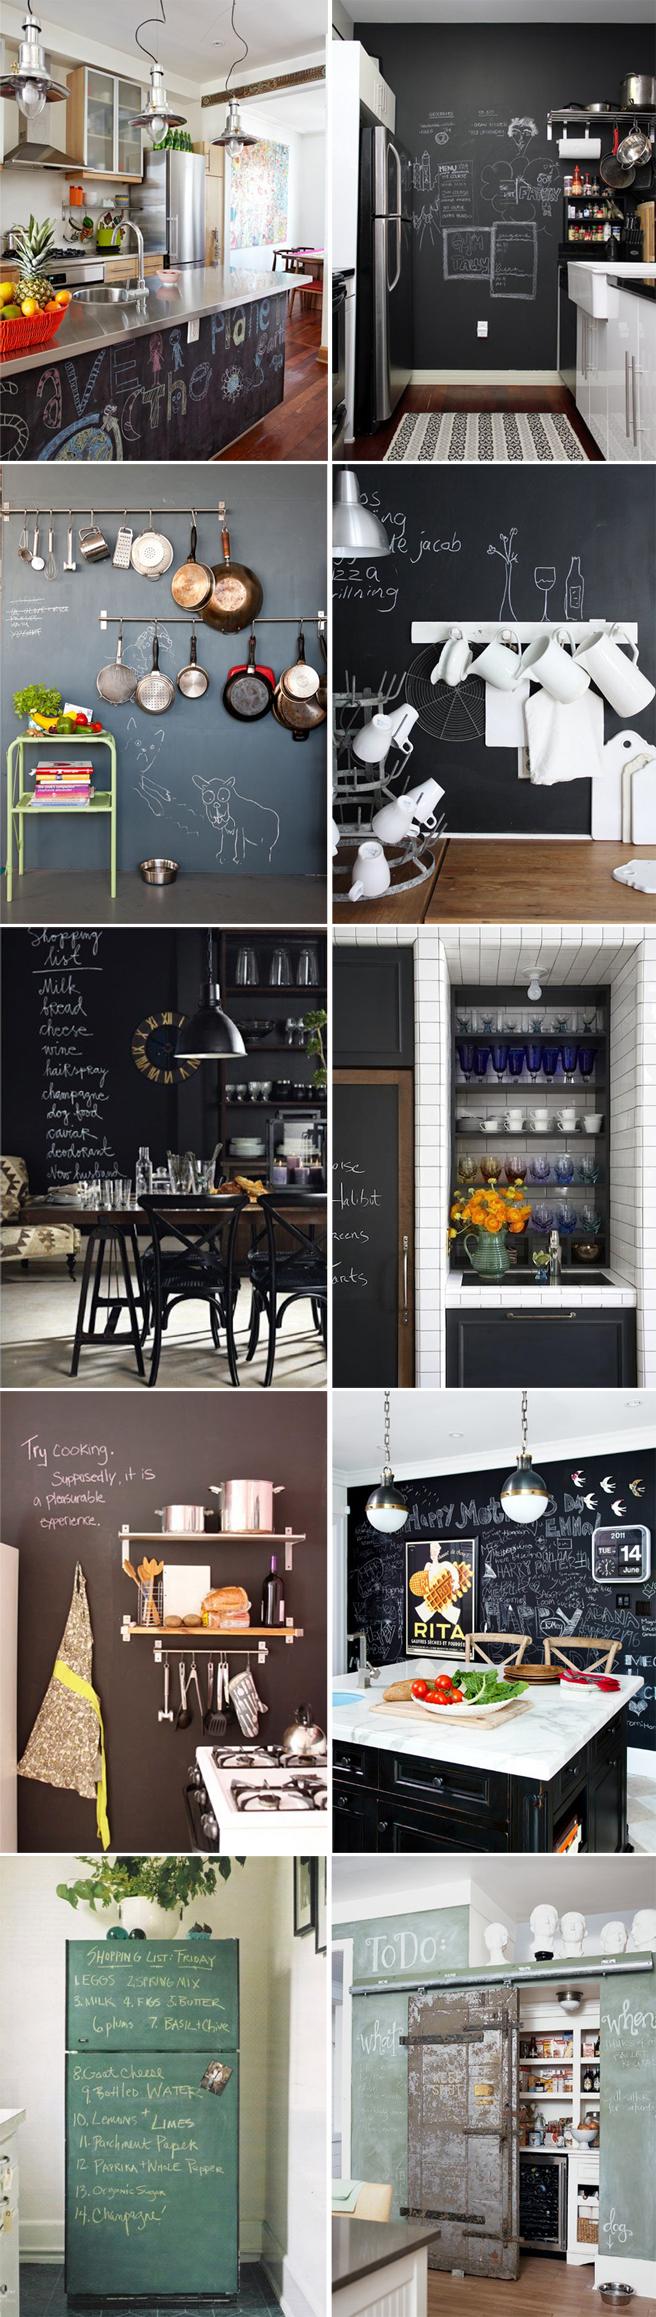 Coole Ideen mit Tafelfarbe! Praktisch und dekorativ :-) | Inside ...